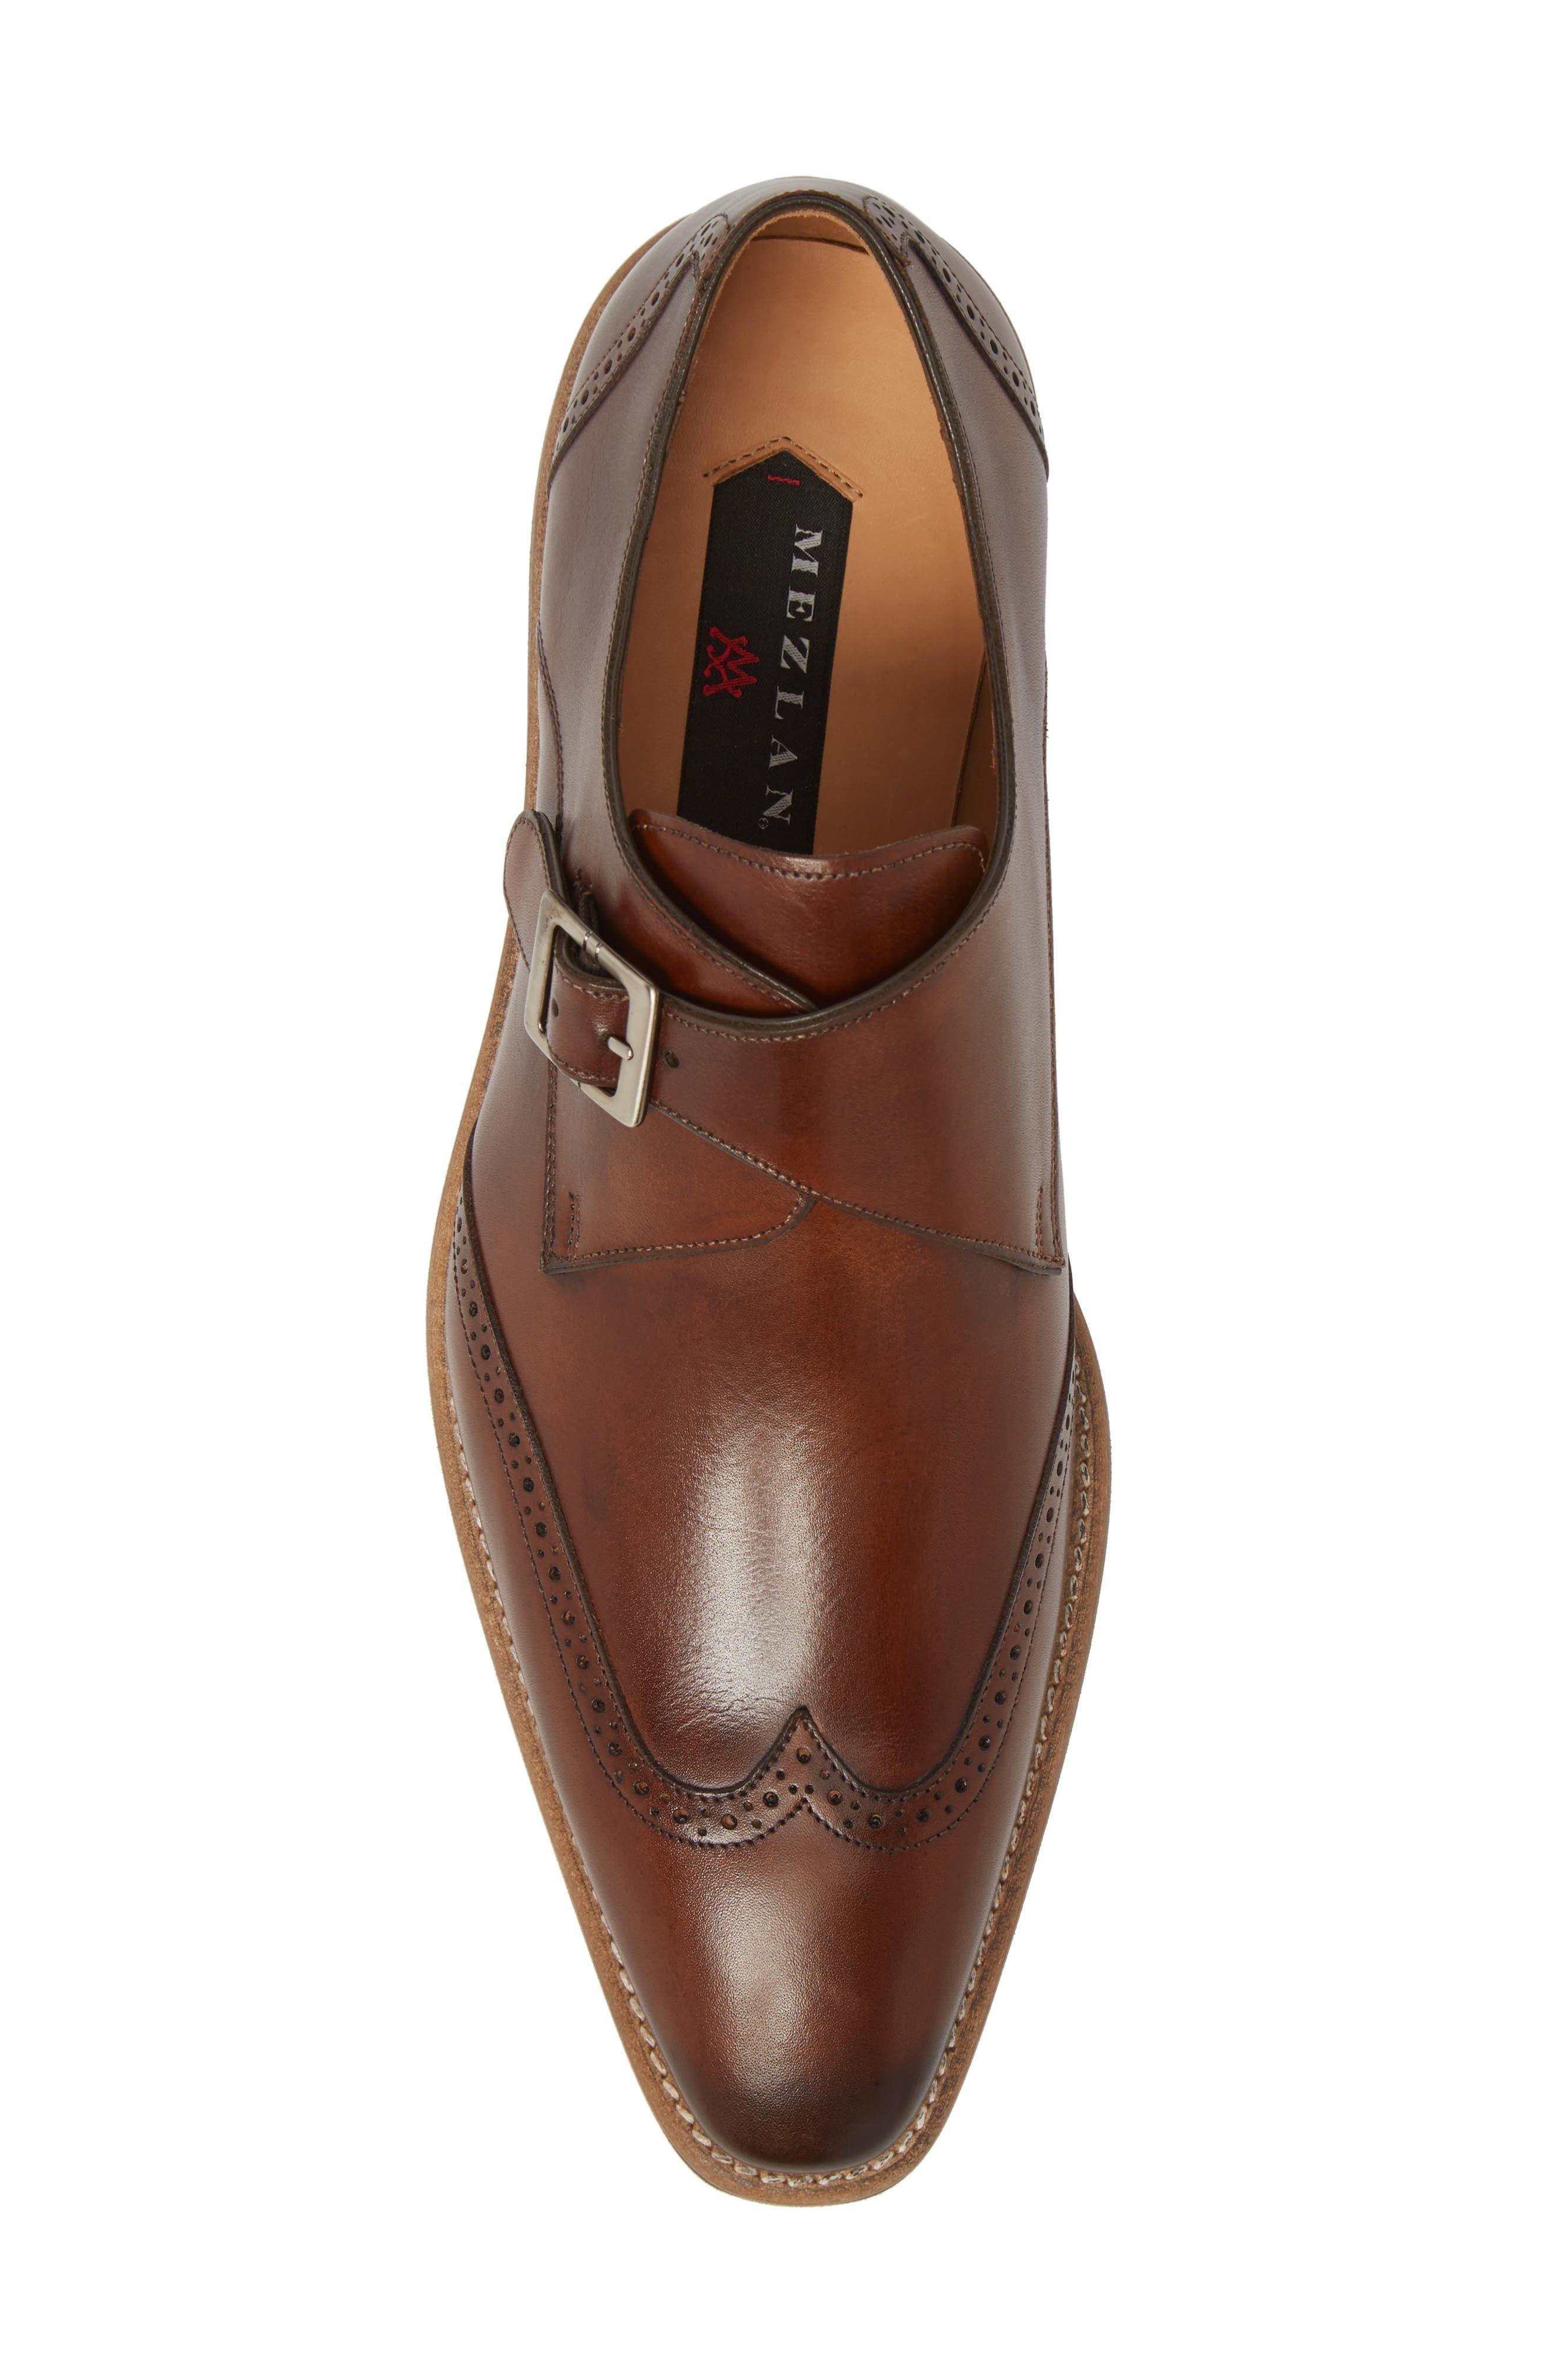 Feresta Wingtip Monk Shoe,                             Alternate thumbnail 5, color,                             COGNAC